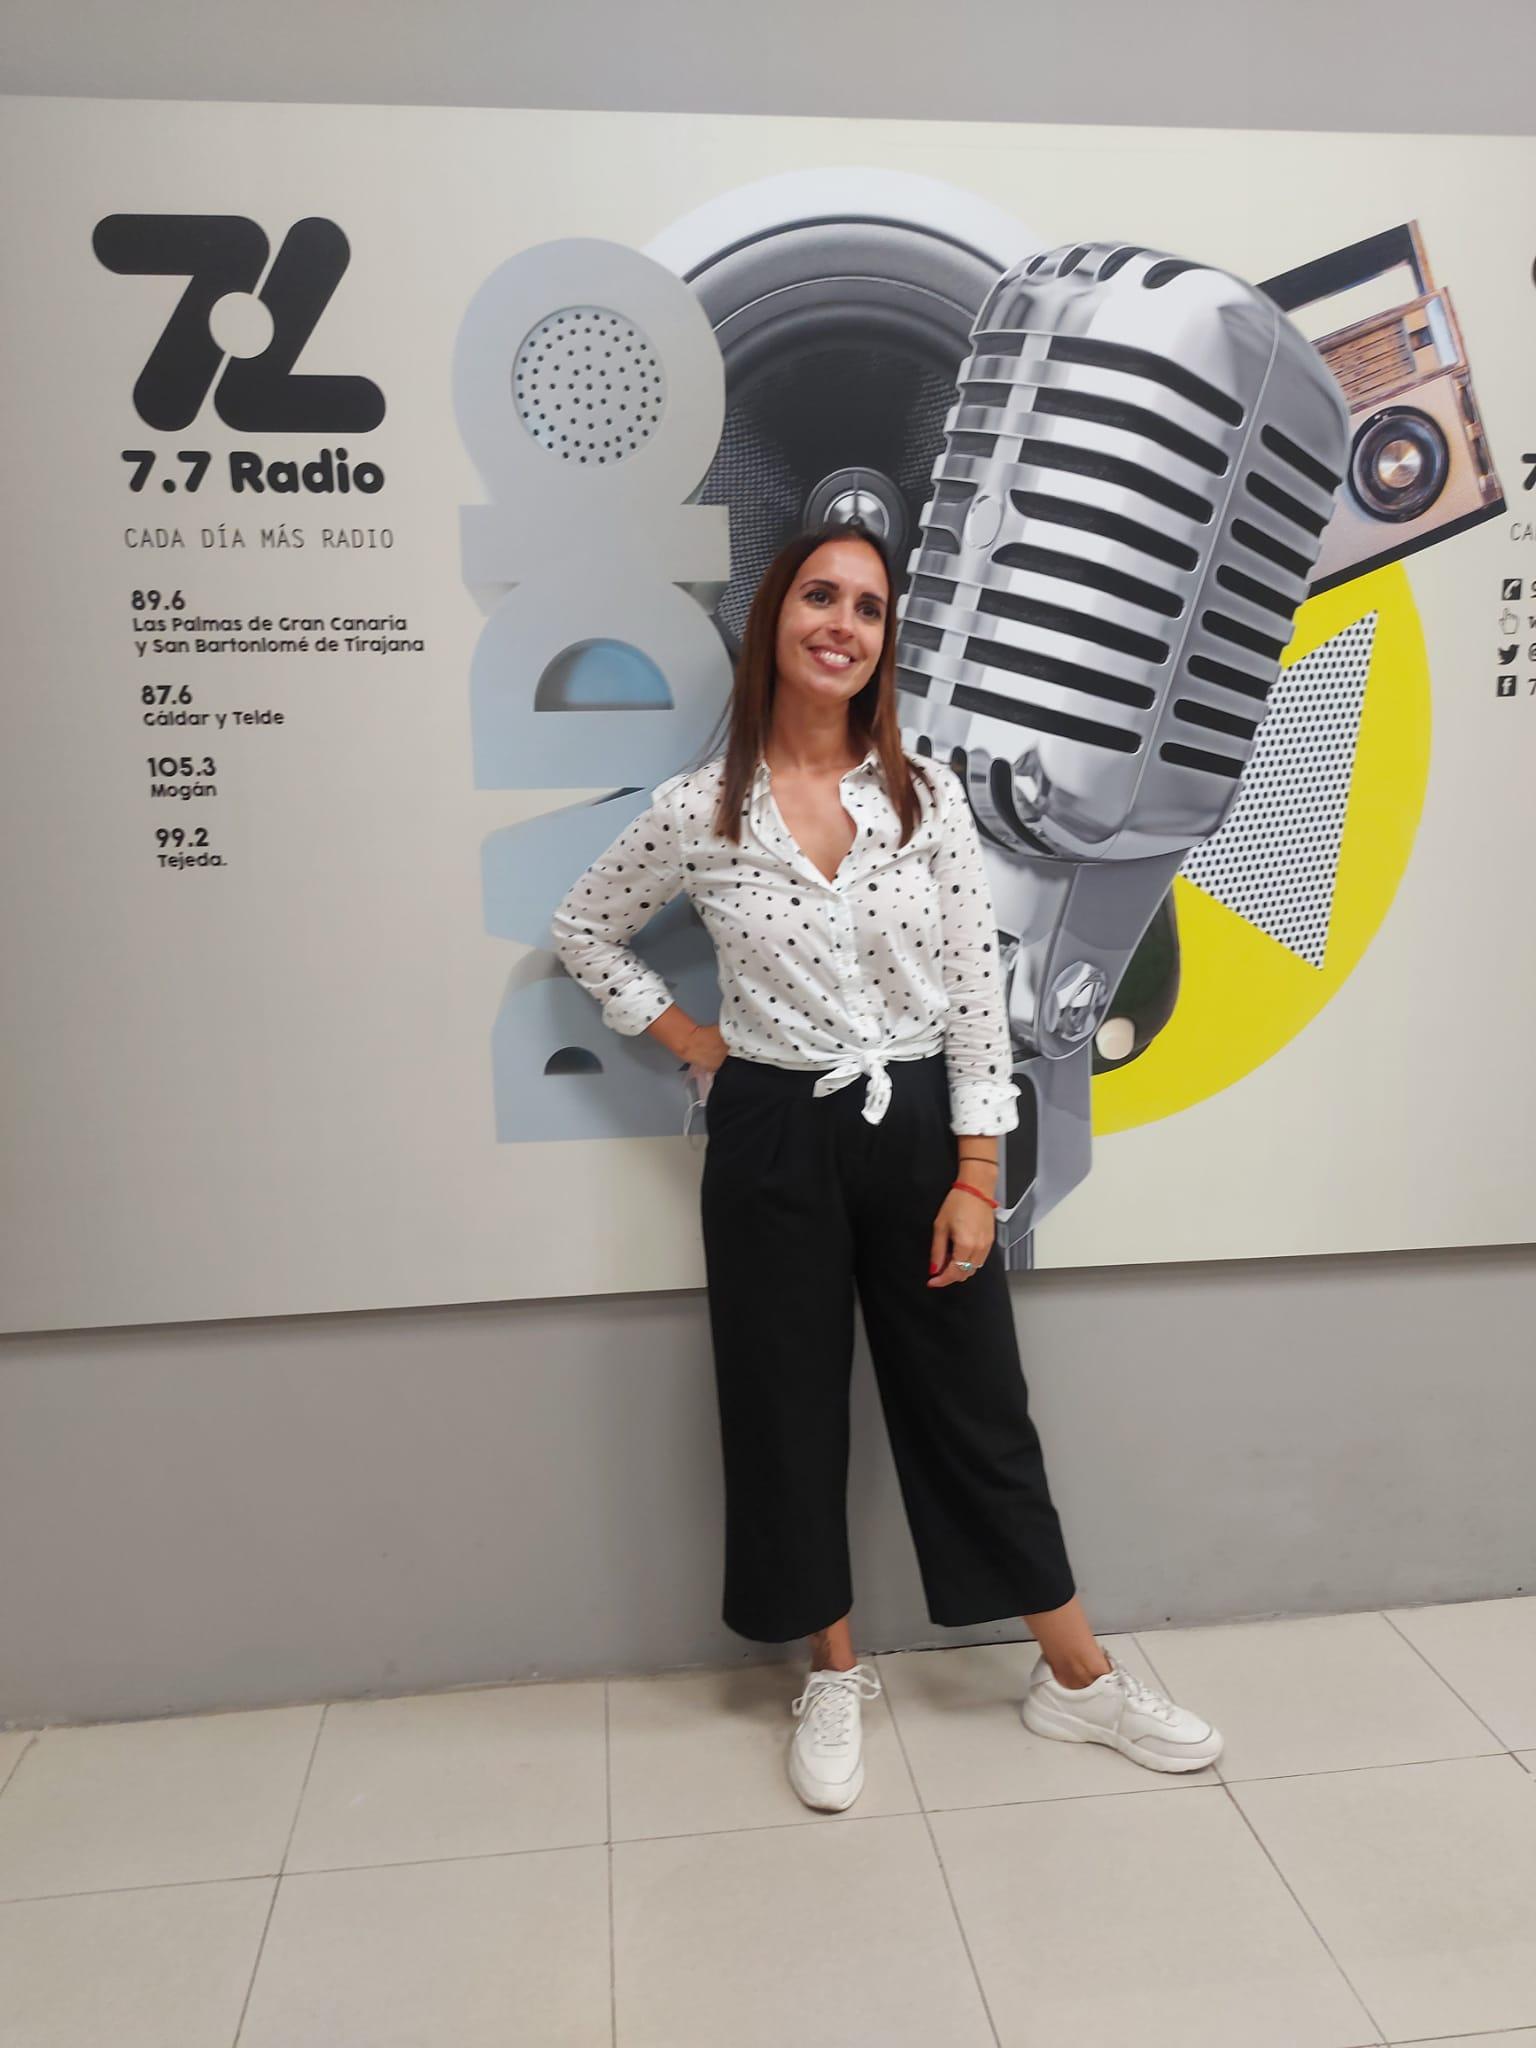 Verónica Hernández en 7.7 Radio